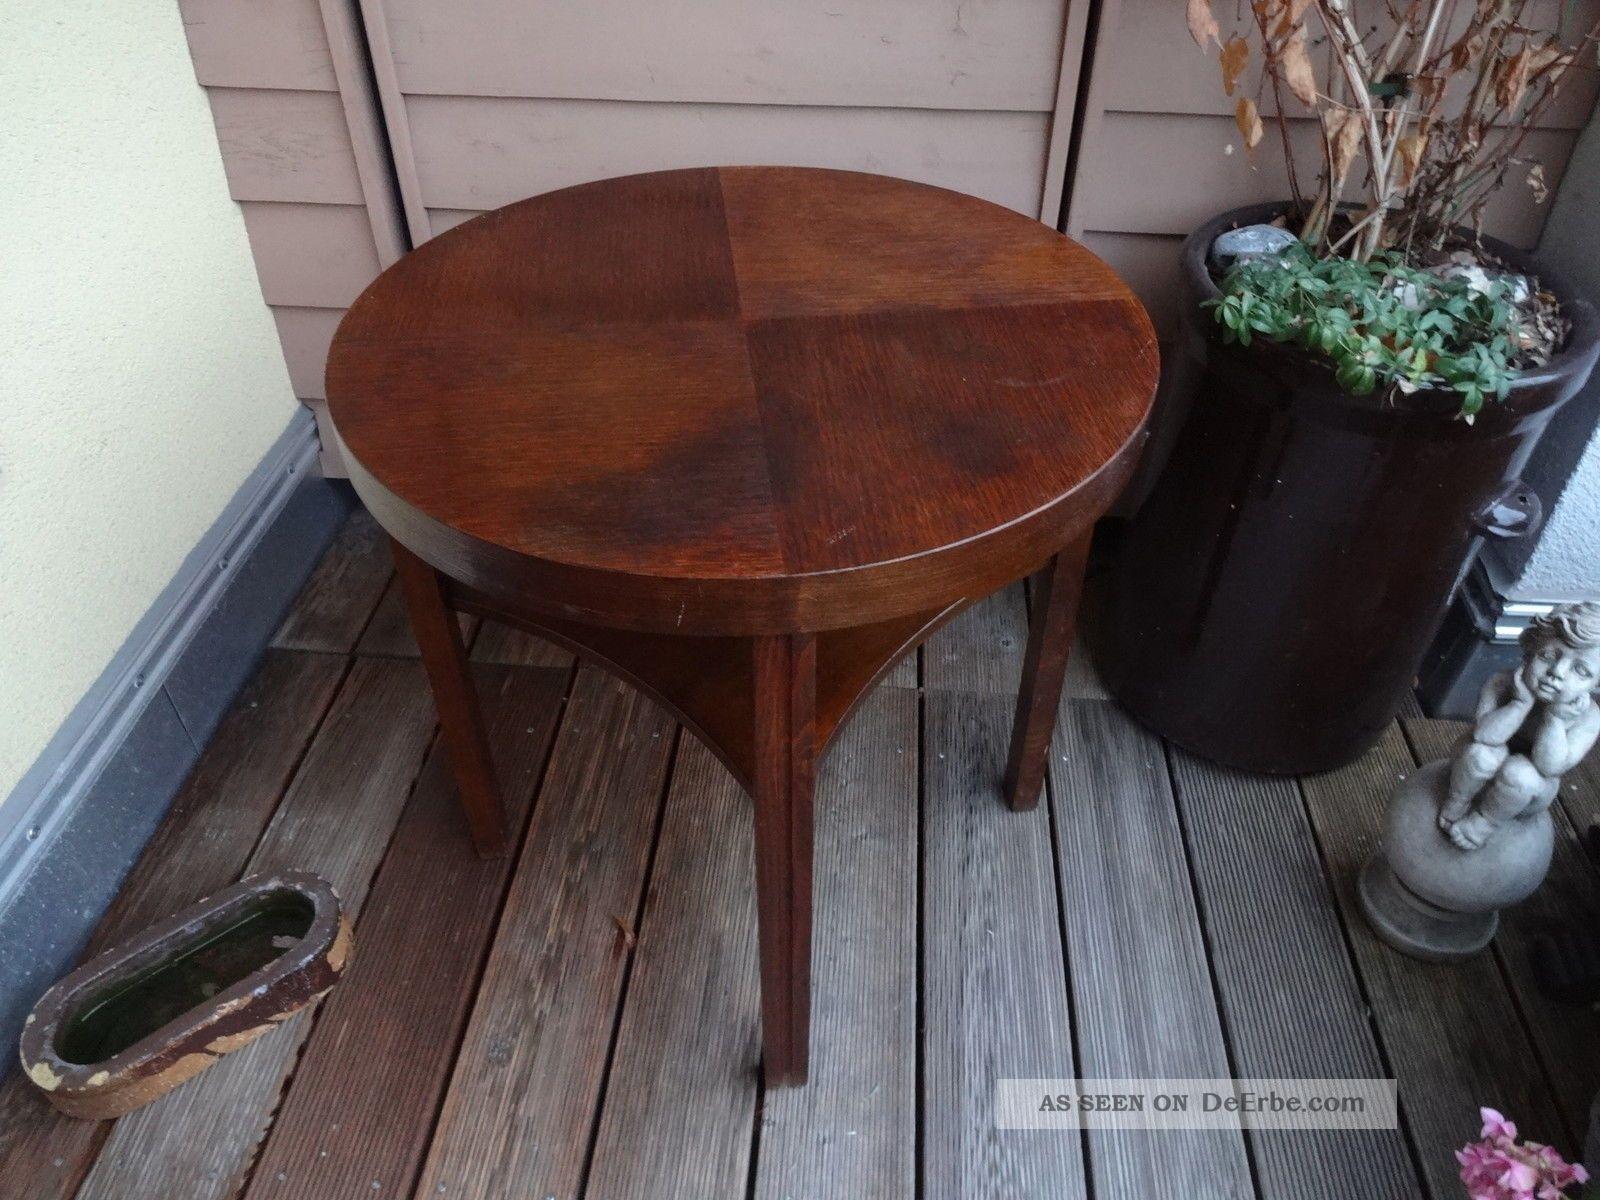 toller 30er jahre art deco bauhaus tisch beistelltisch. Black Bedroom Furniture Sets. Home Design Ideas